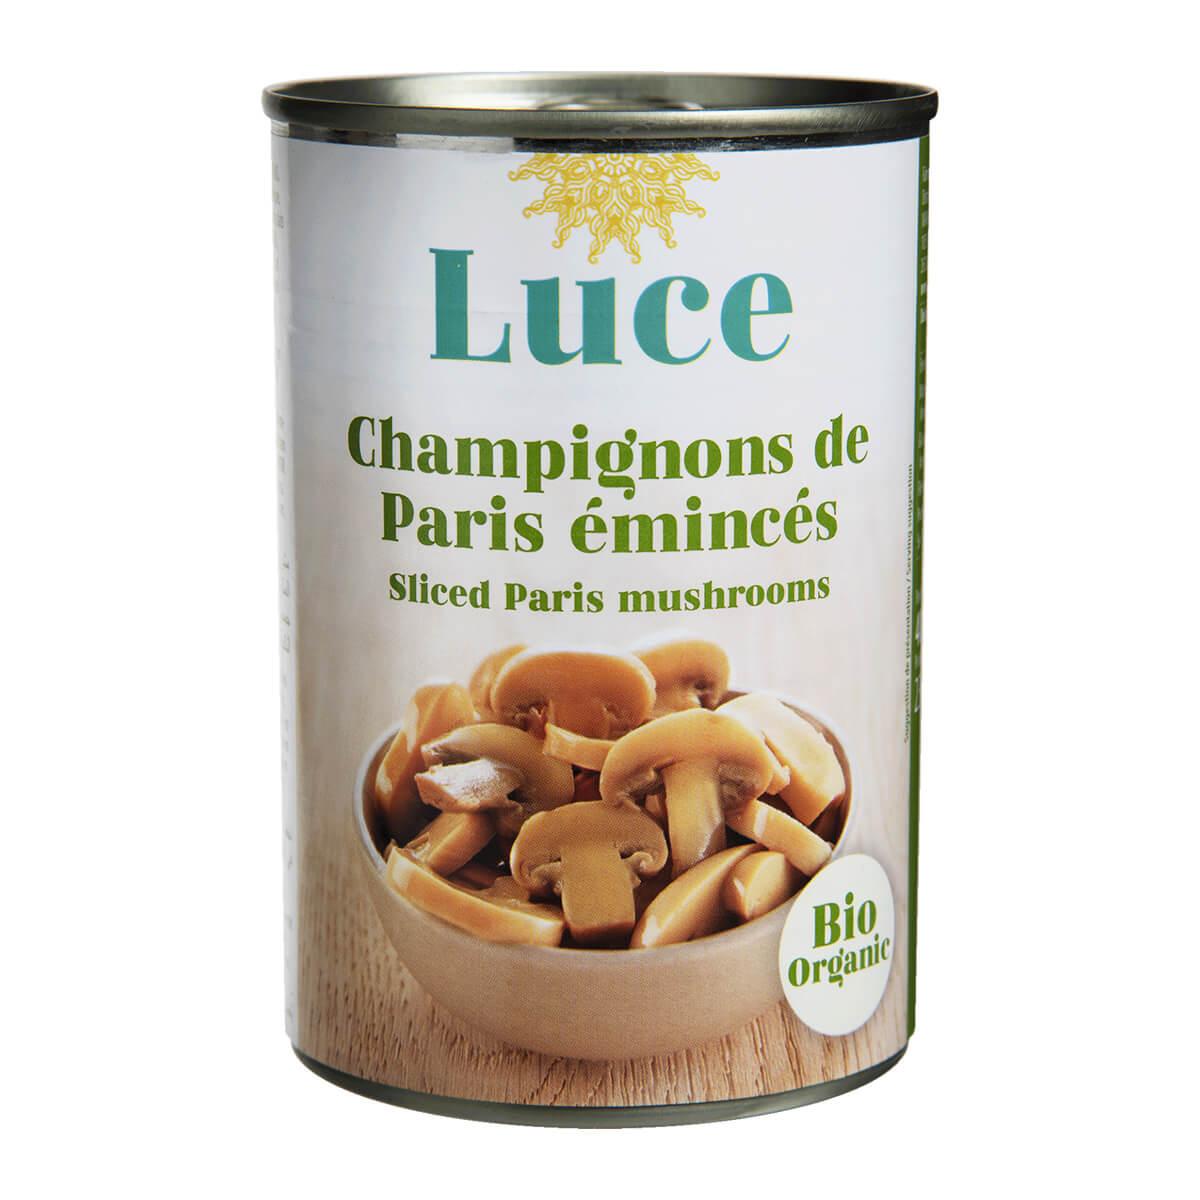 Luce - Champignons de Paris émincés 400g